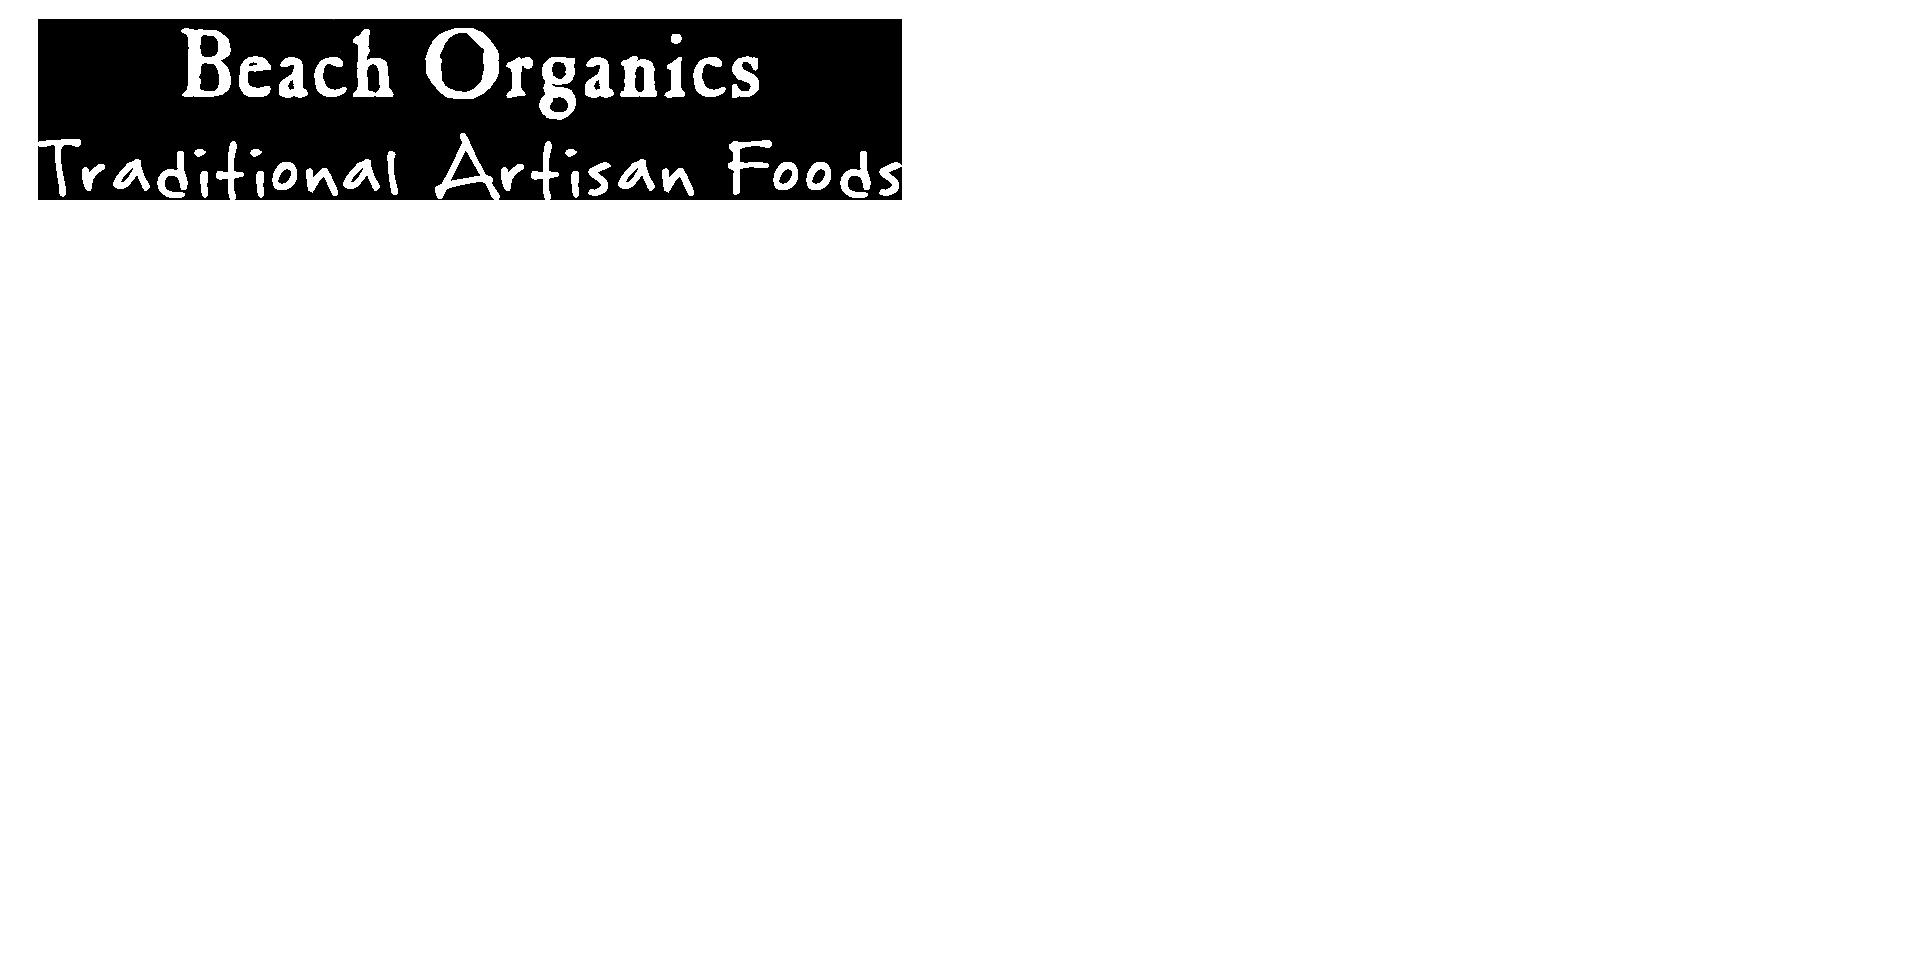 overlay-trad-art-foods1920x960tl